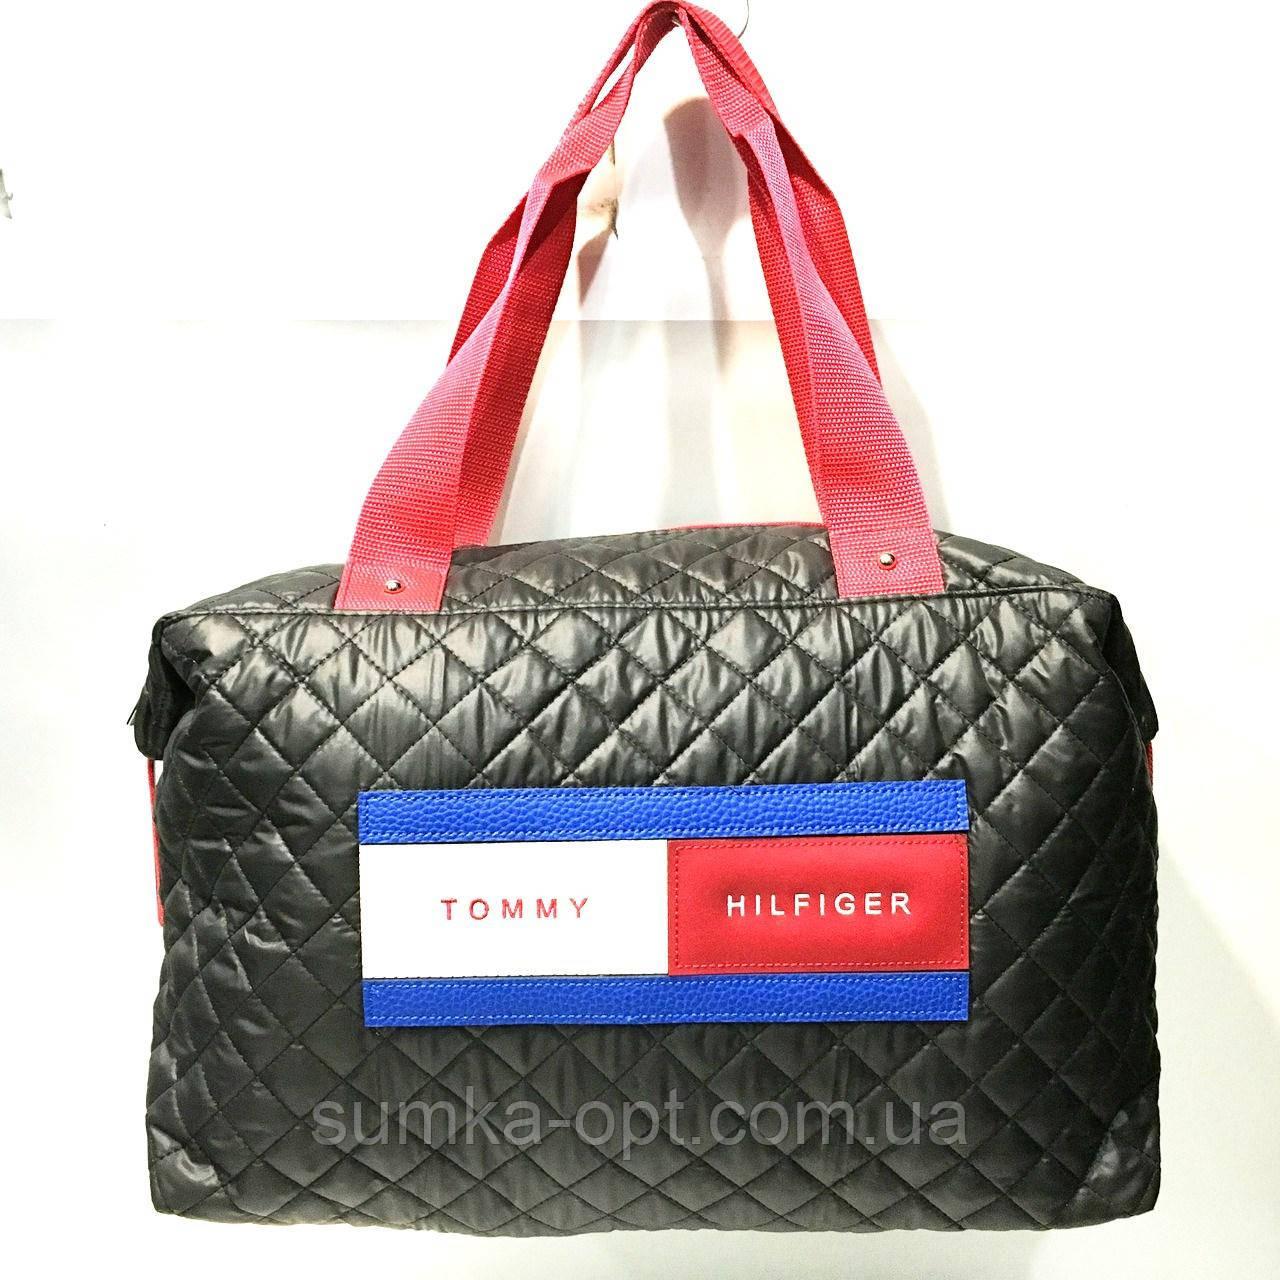 Брендовые спортивные сумки Tommy Hilfiger (черный глянцевый)28*39см